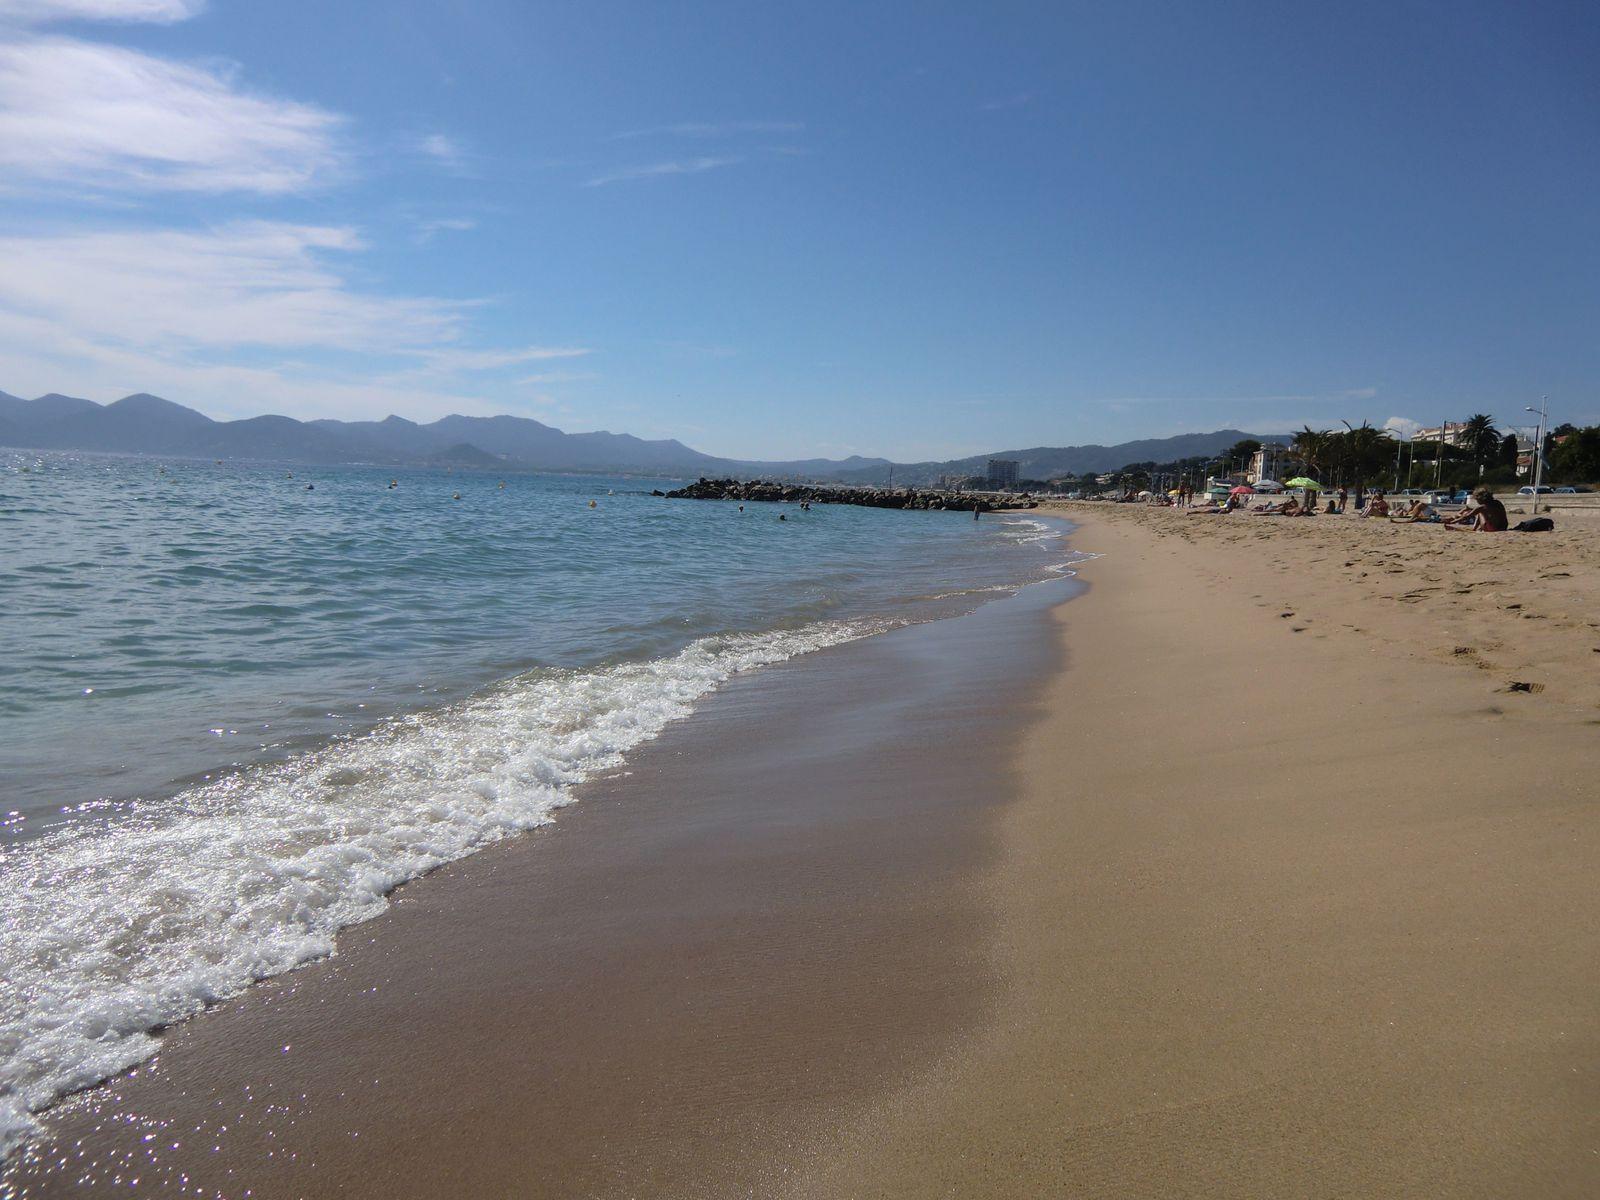 les plages du Midi en allant vers Cannes la Bocca